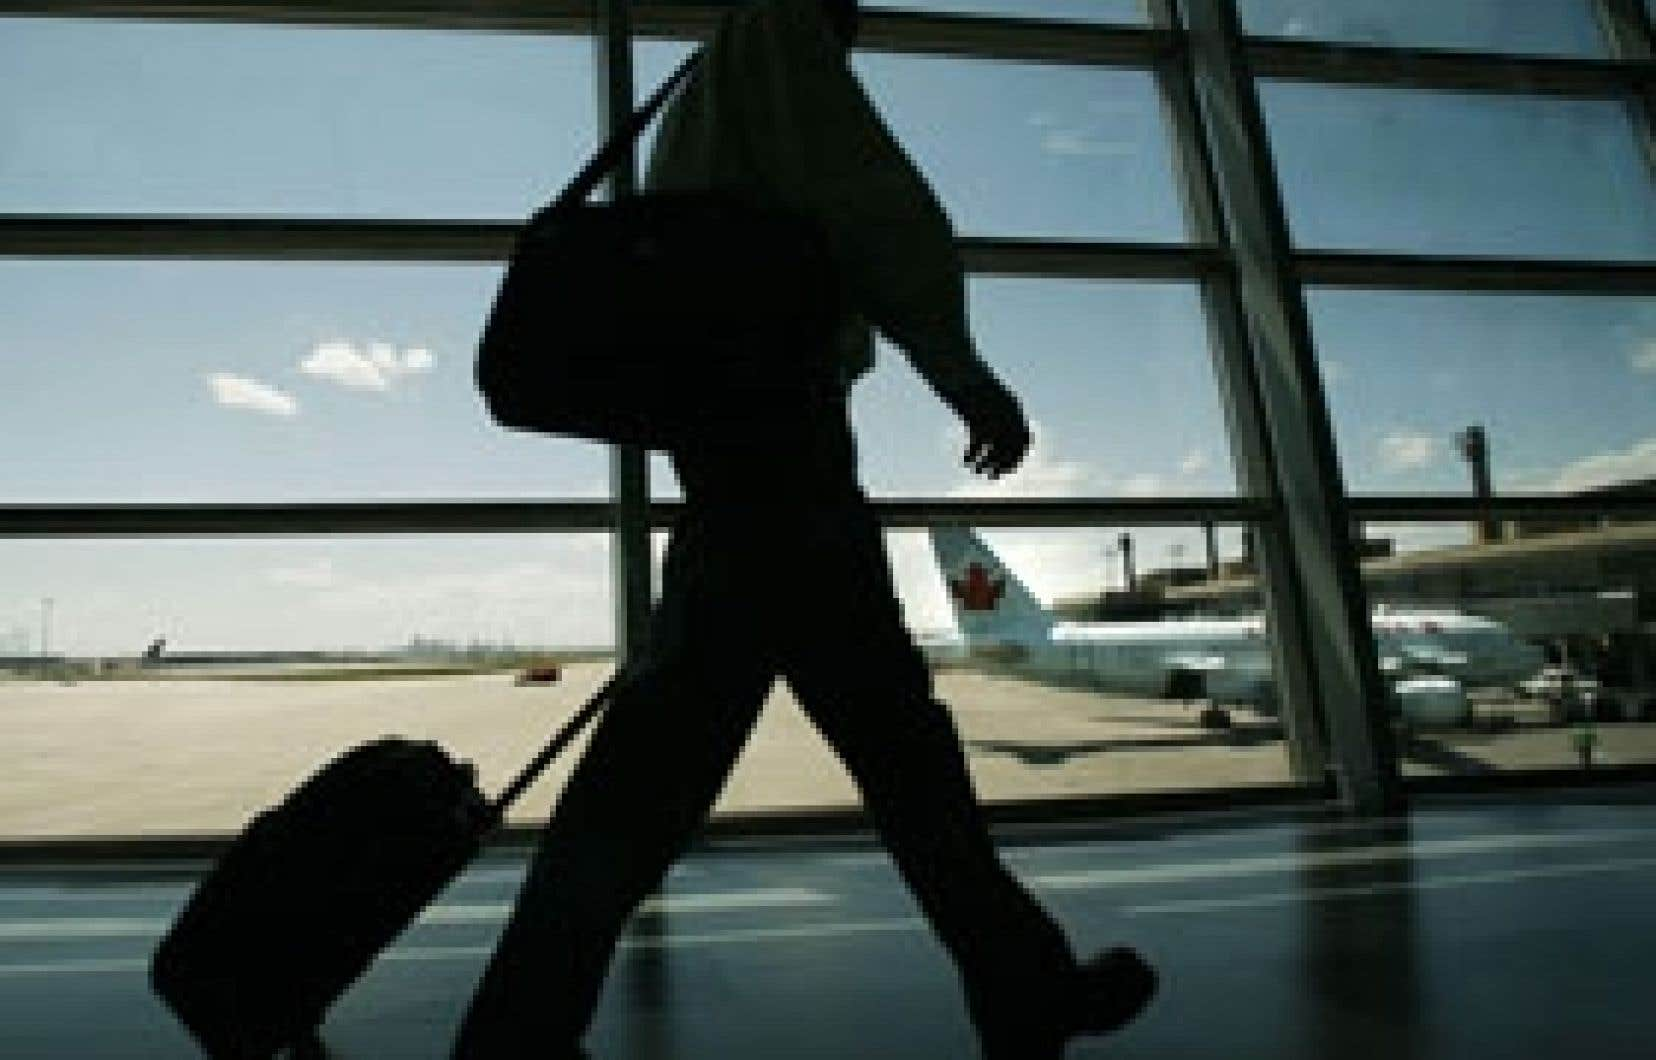 Air Canada et Air Canada Jazz ont déclaré un coefficient d'occupation consolidé record de 77,6 % pour le mois de novembre.